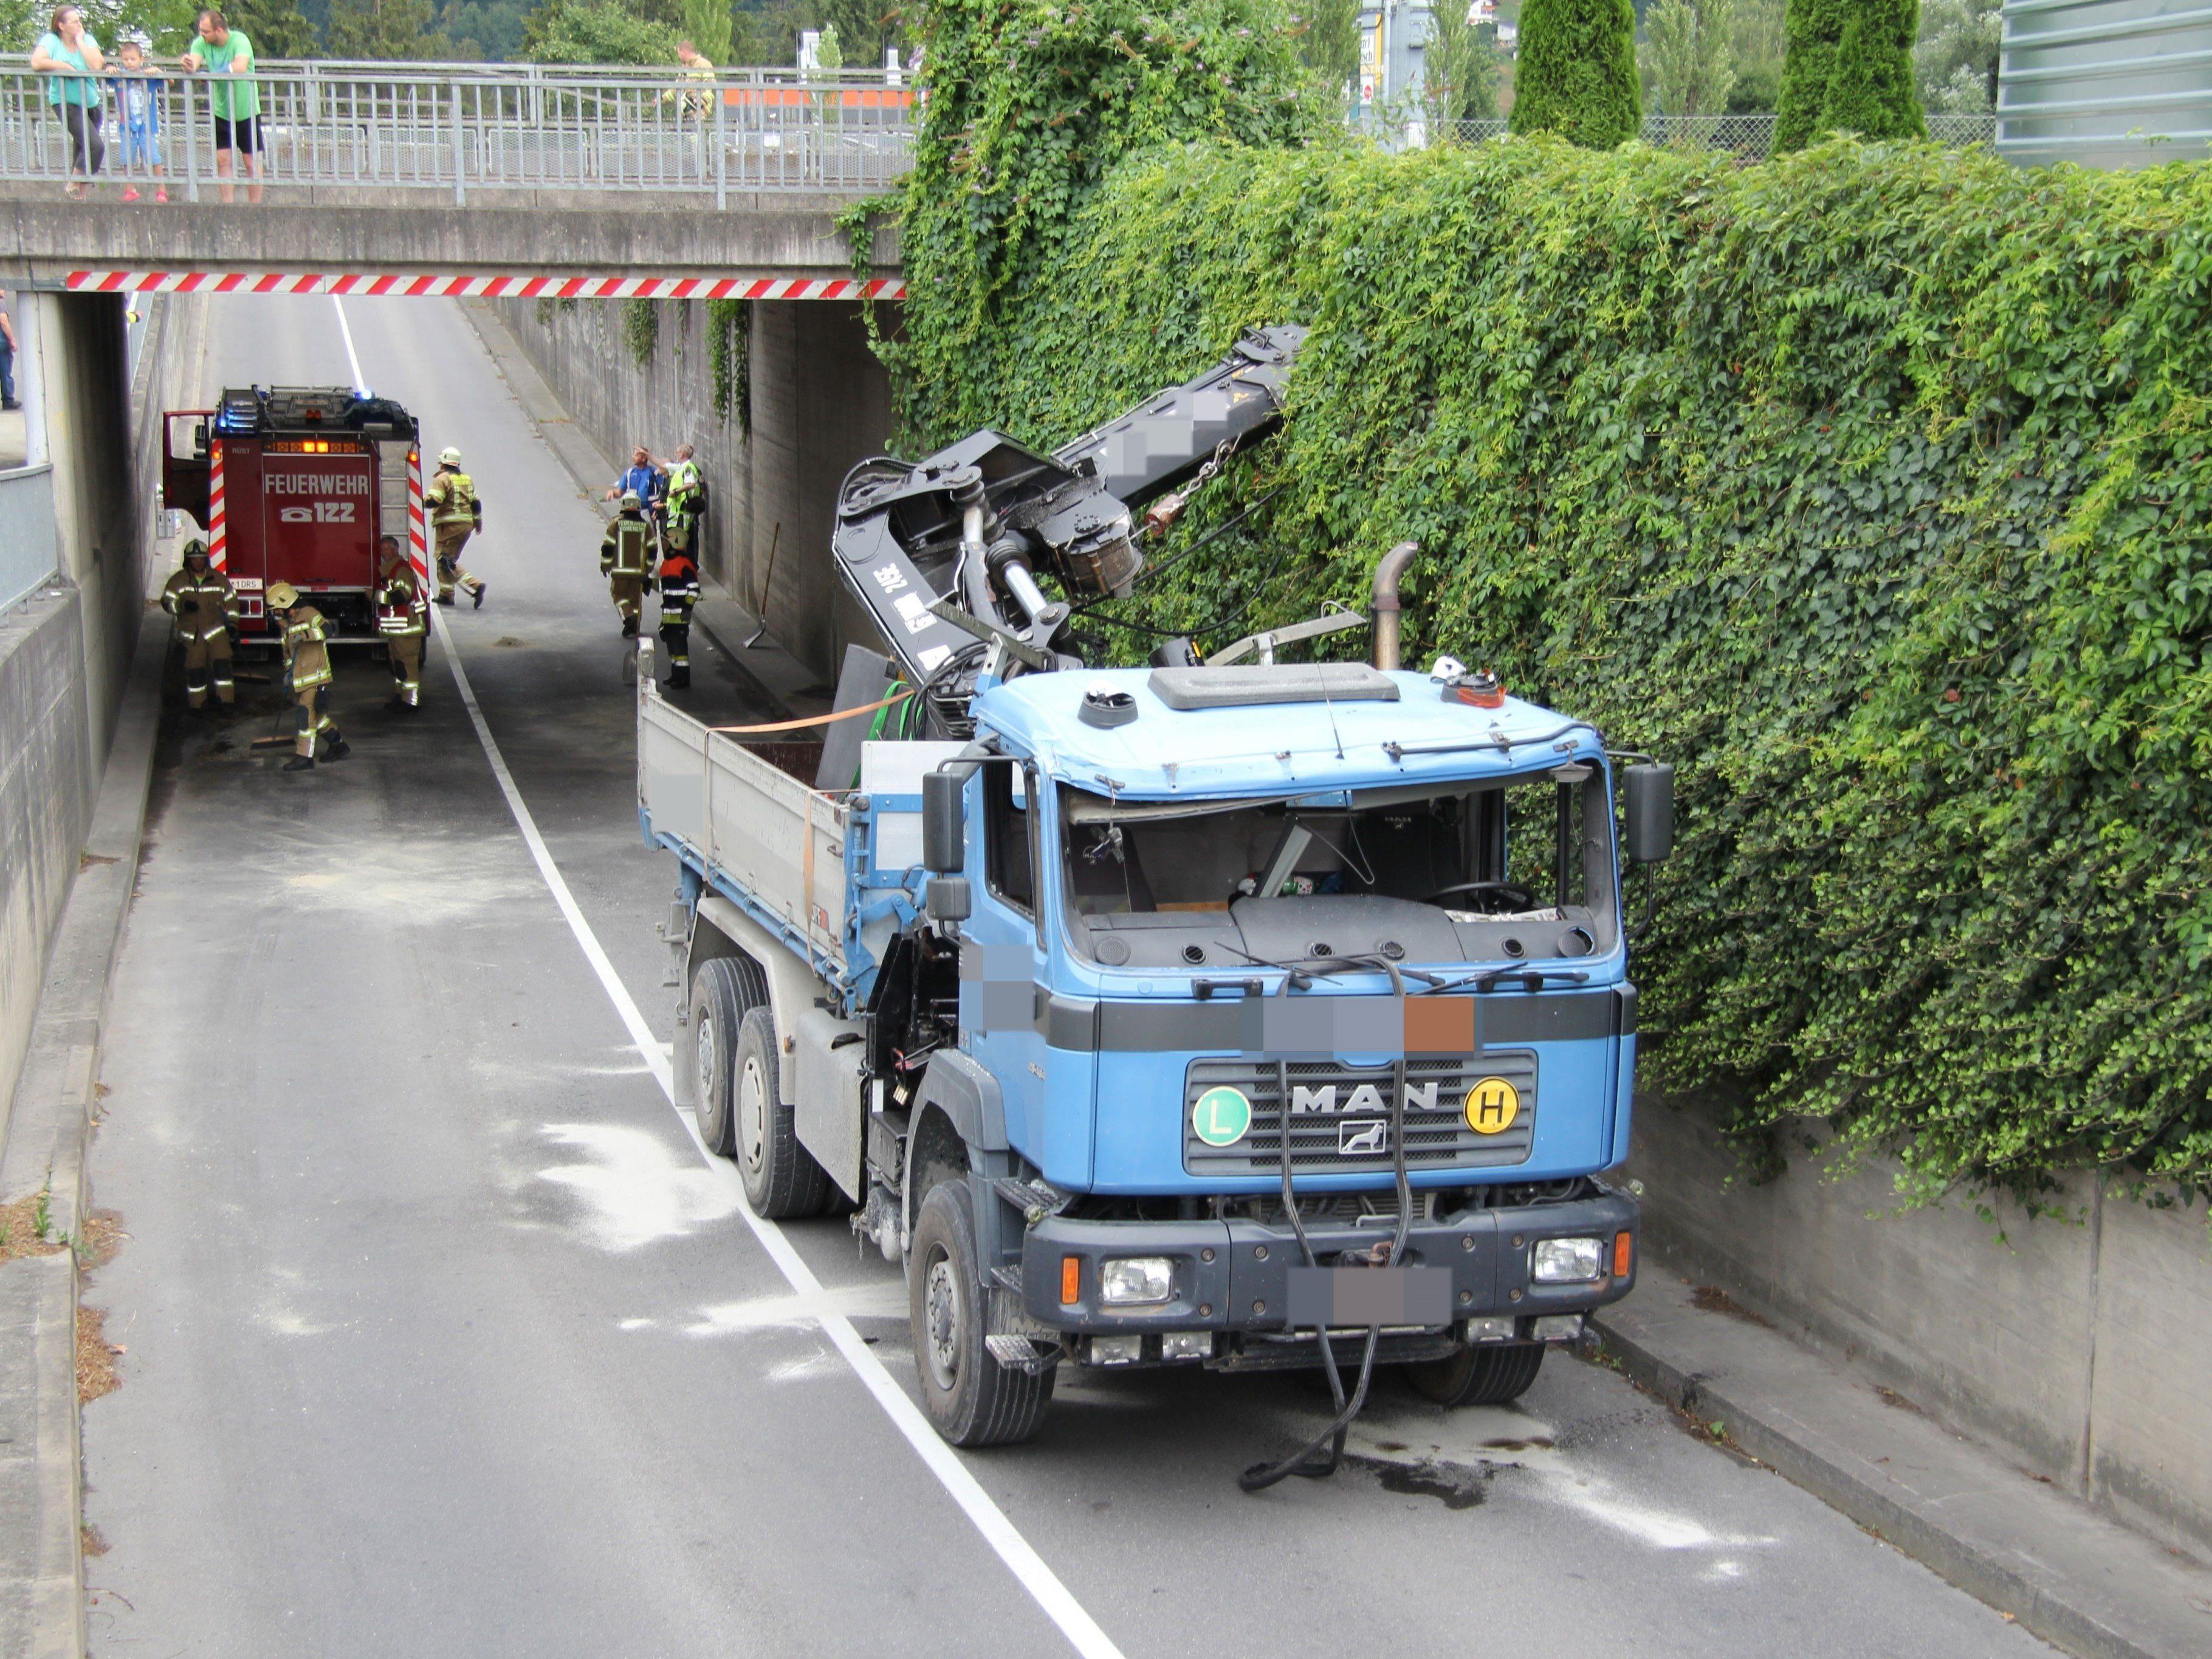 Lkw mit Kran blieb an Bahnunterführung hängen.